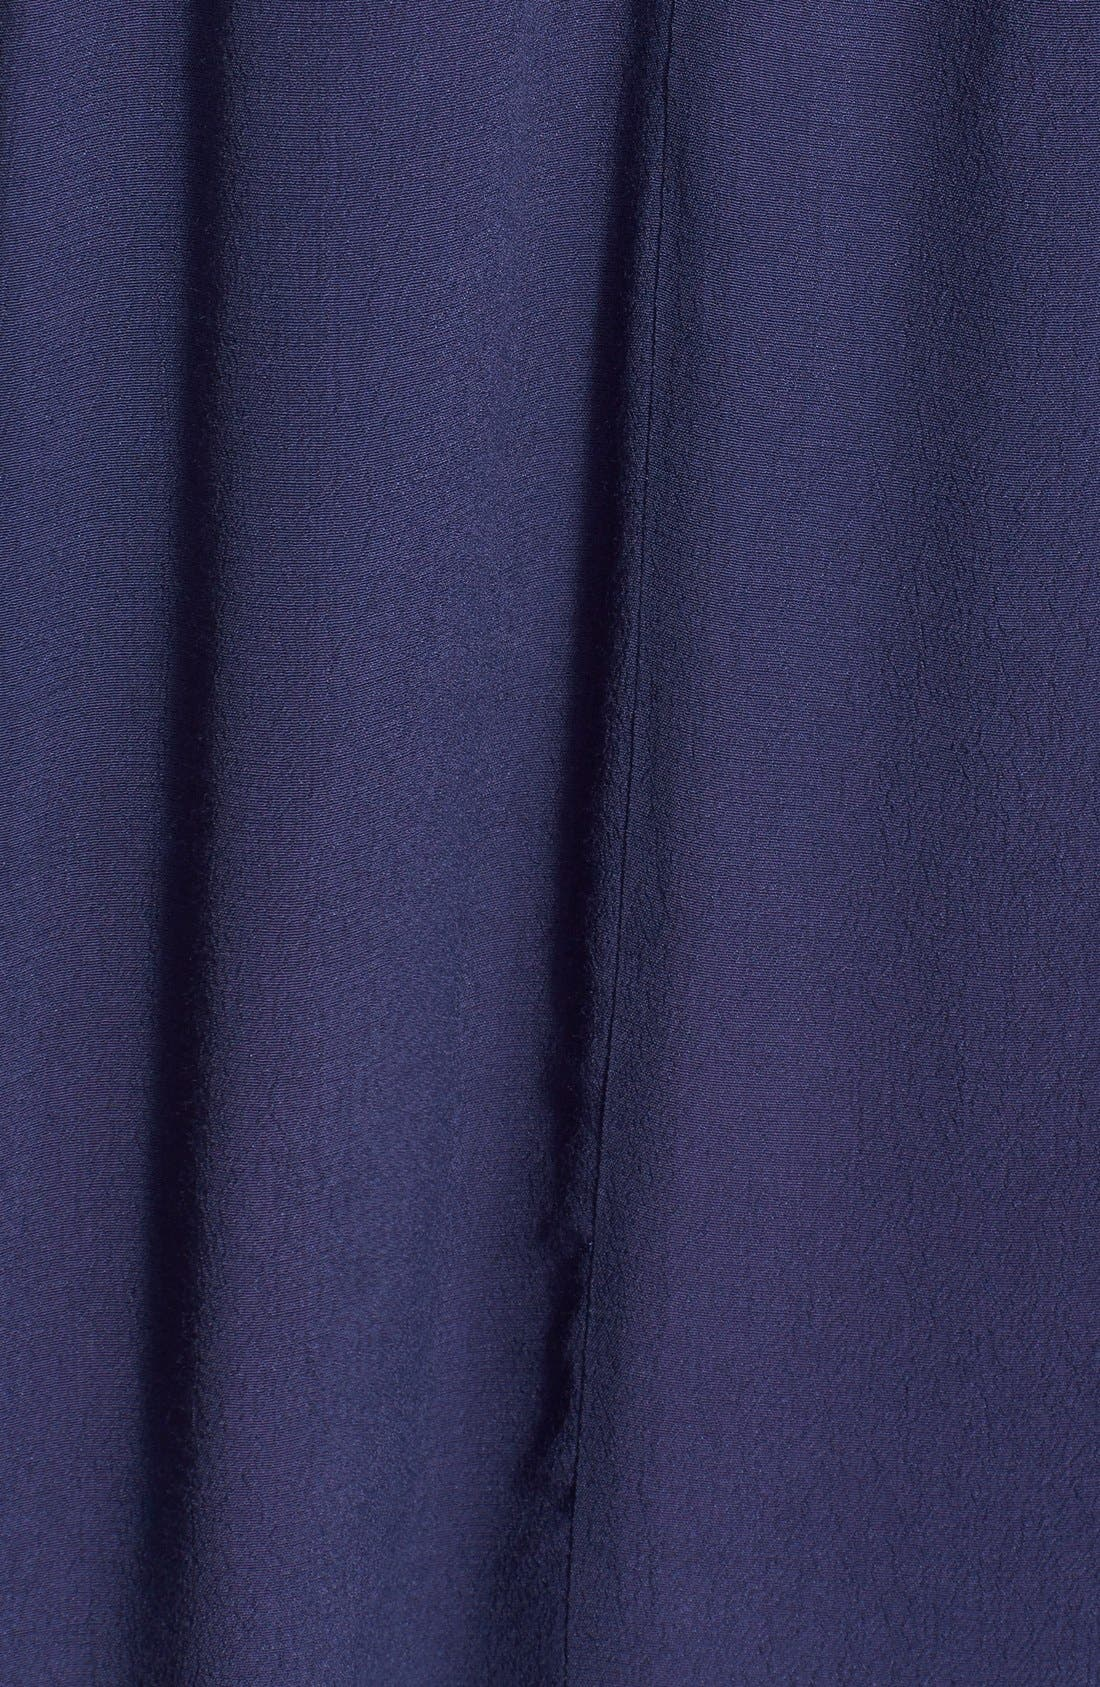 Alternate Image 3  - ASTR Cold Shoulder Silk Blend Top